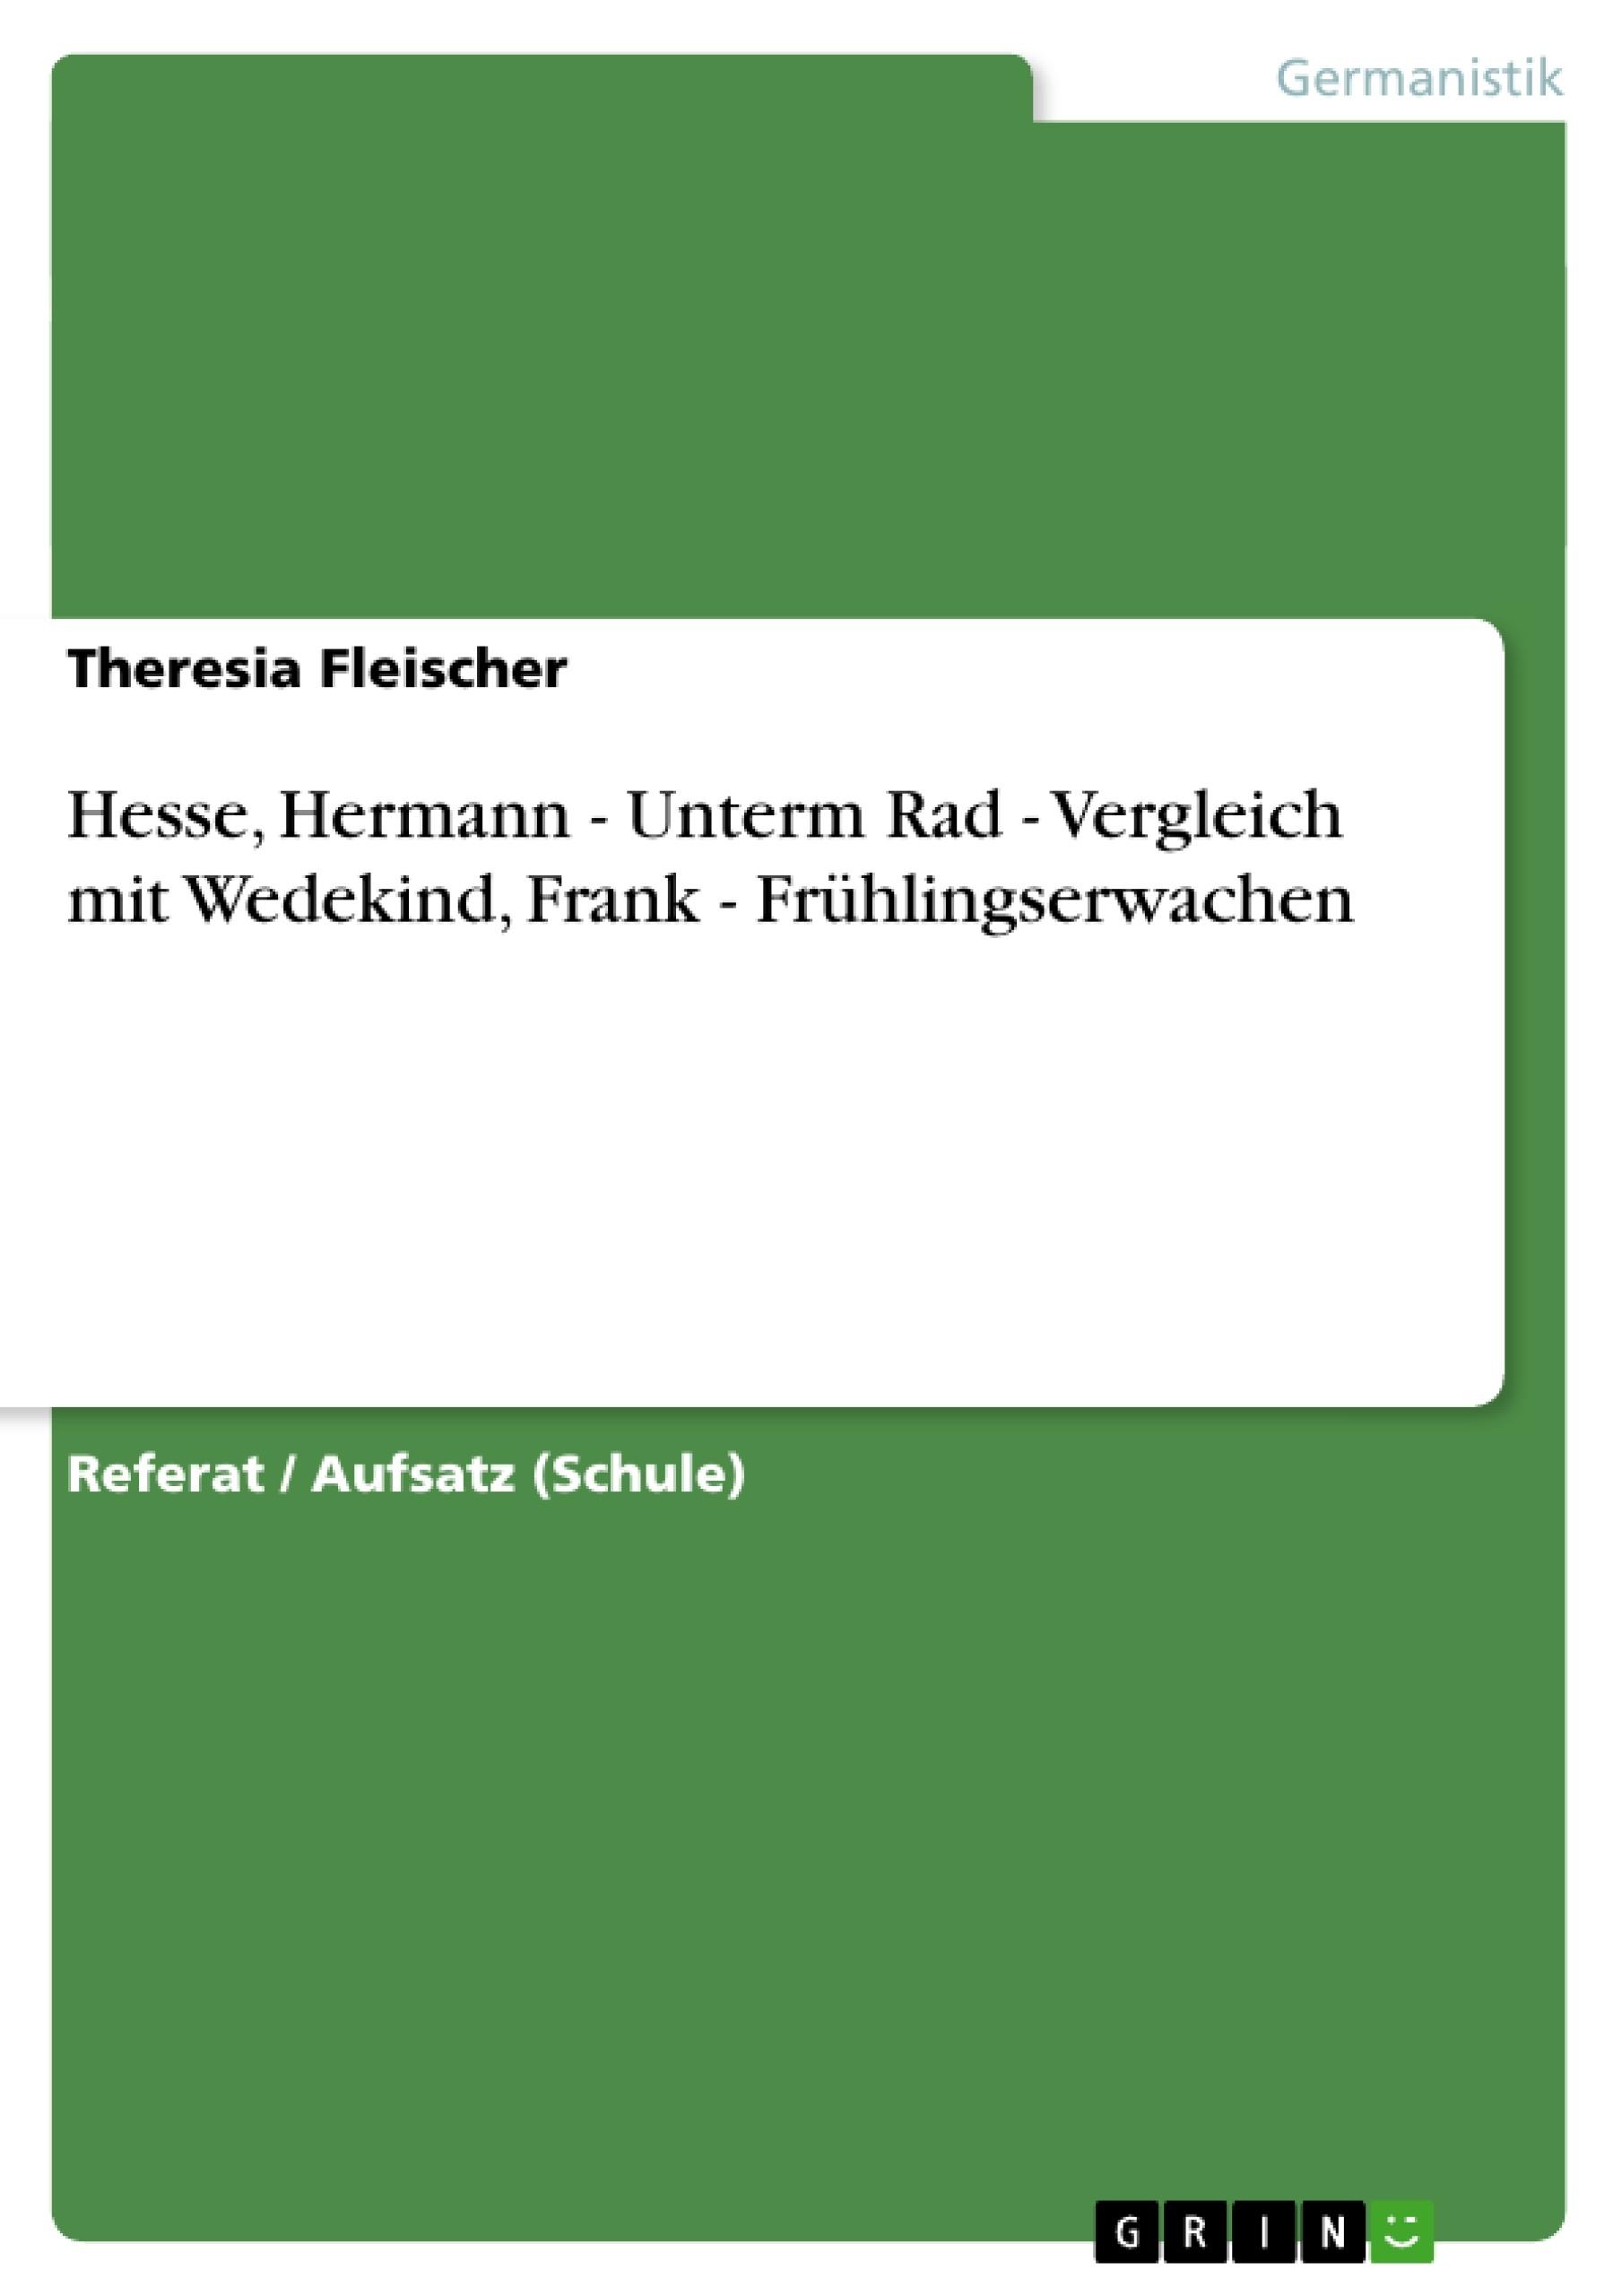 Titel: Hesse, Hermann - Unterm Rad - Vergleich mit Wedekind, Frank - Frühlingserwachen